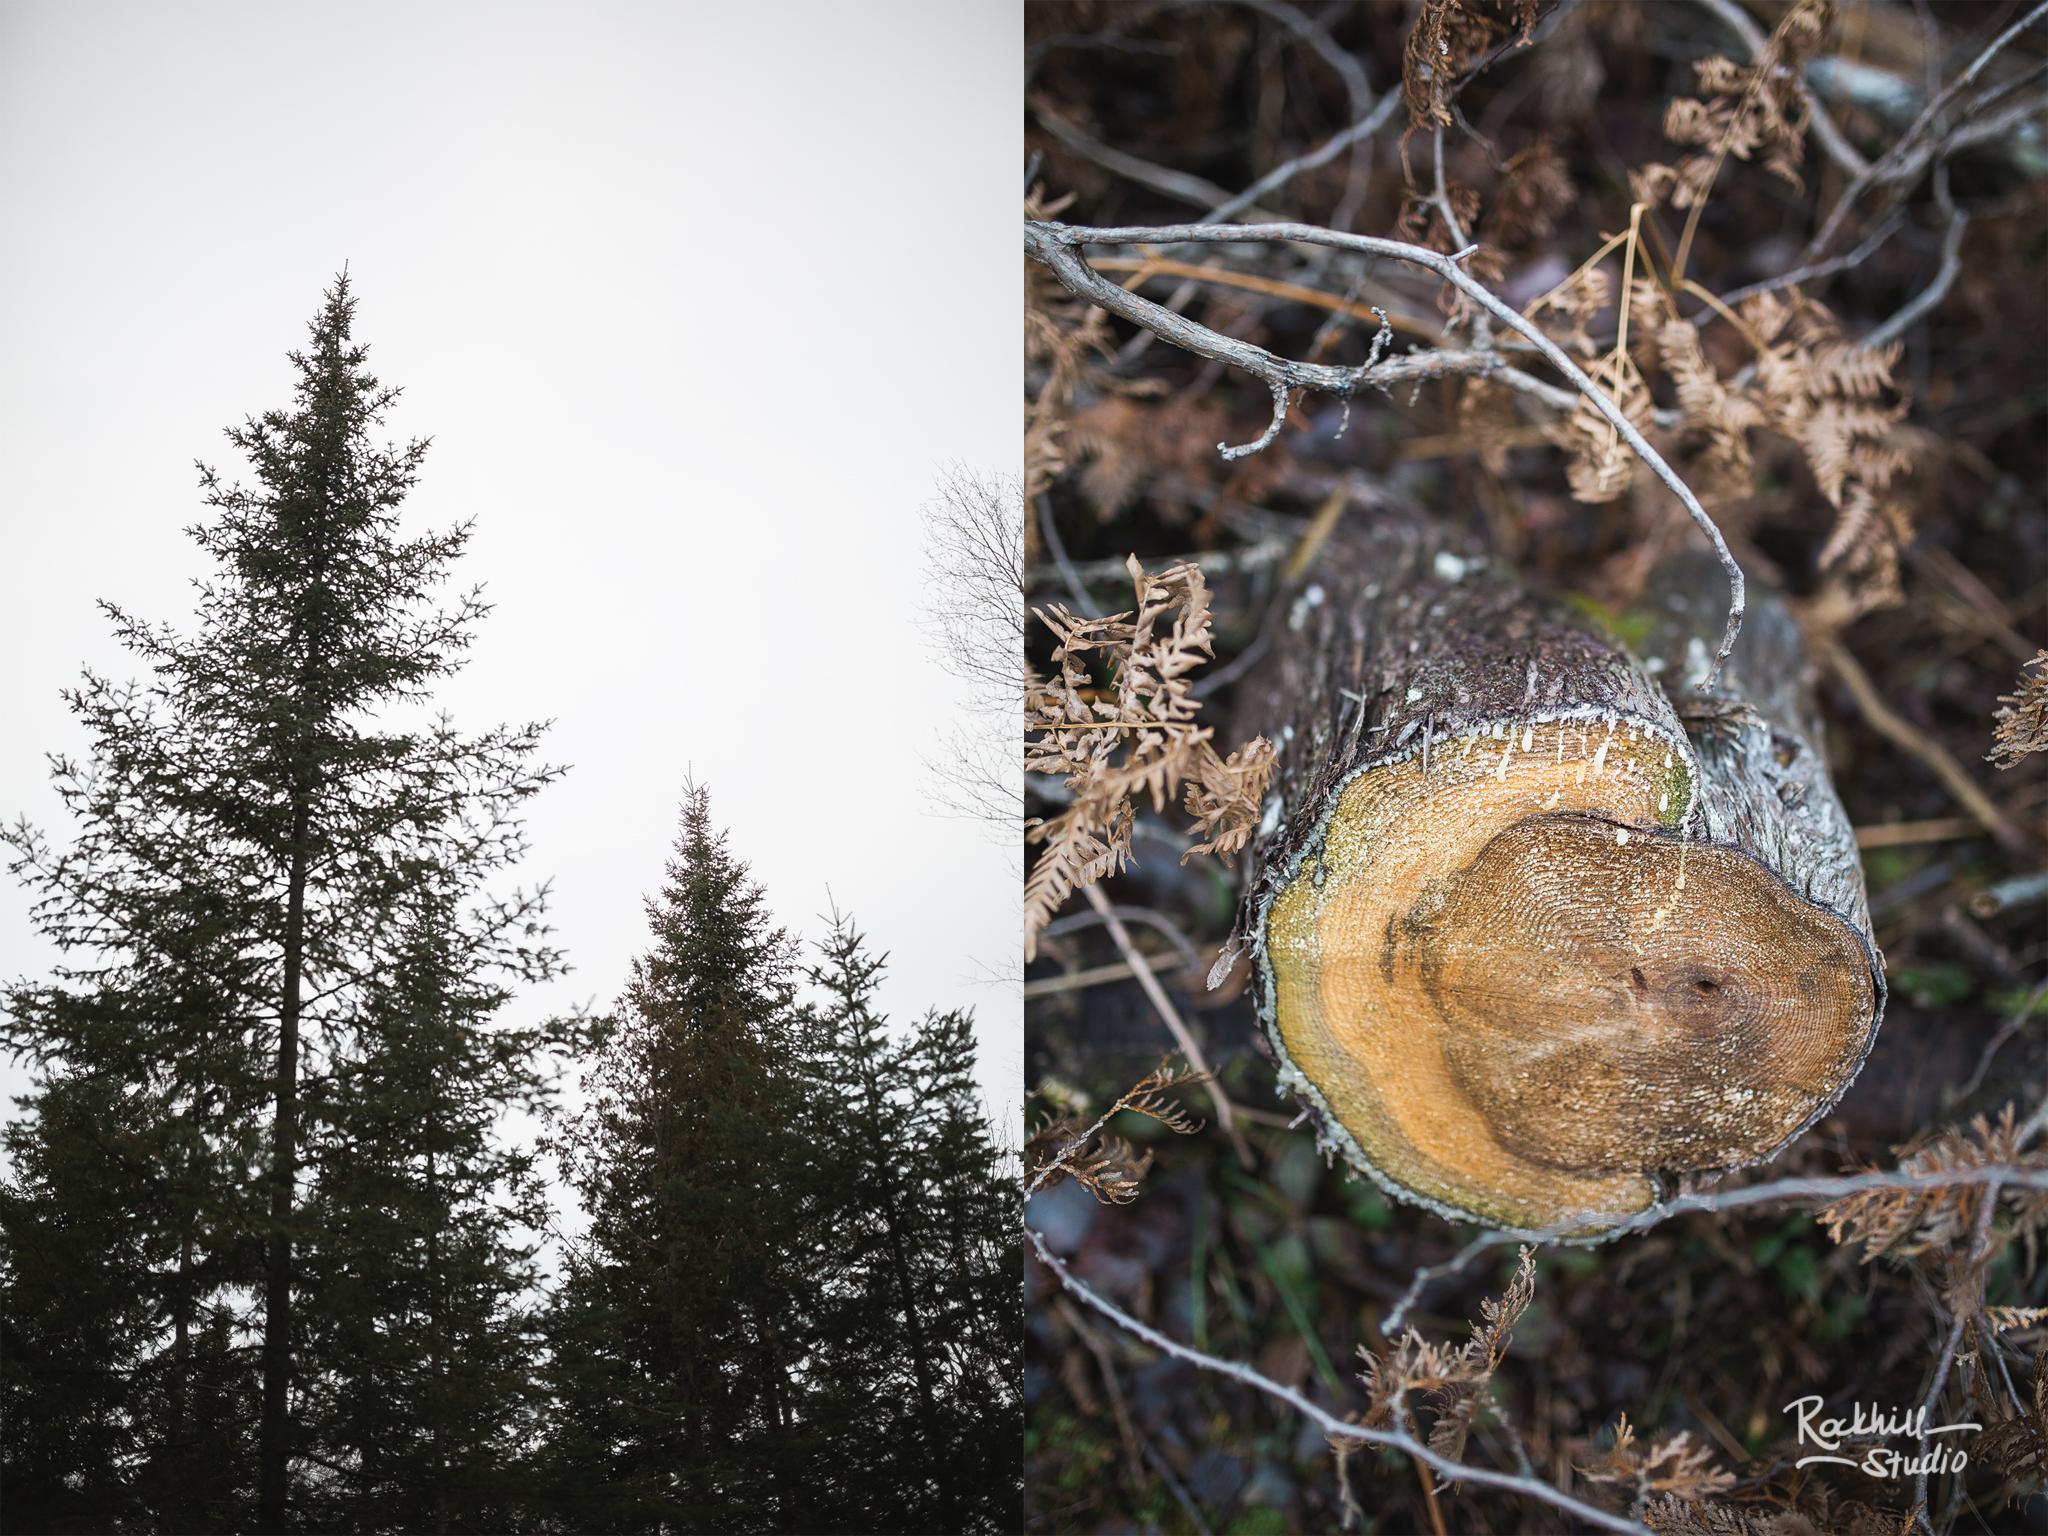 rockhil-studio-christmas-tree-tradition-7.jpg